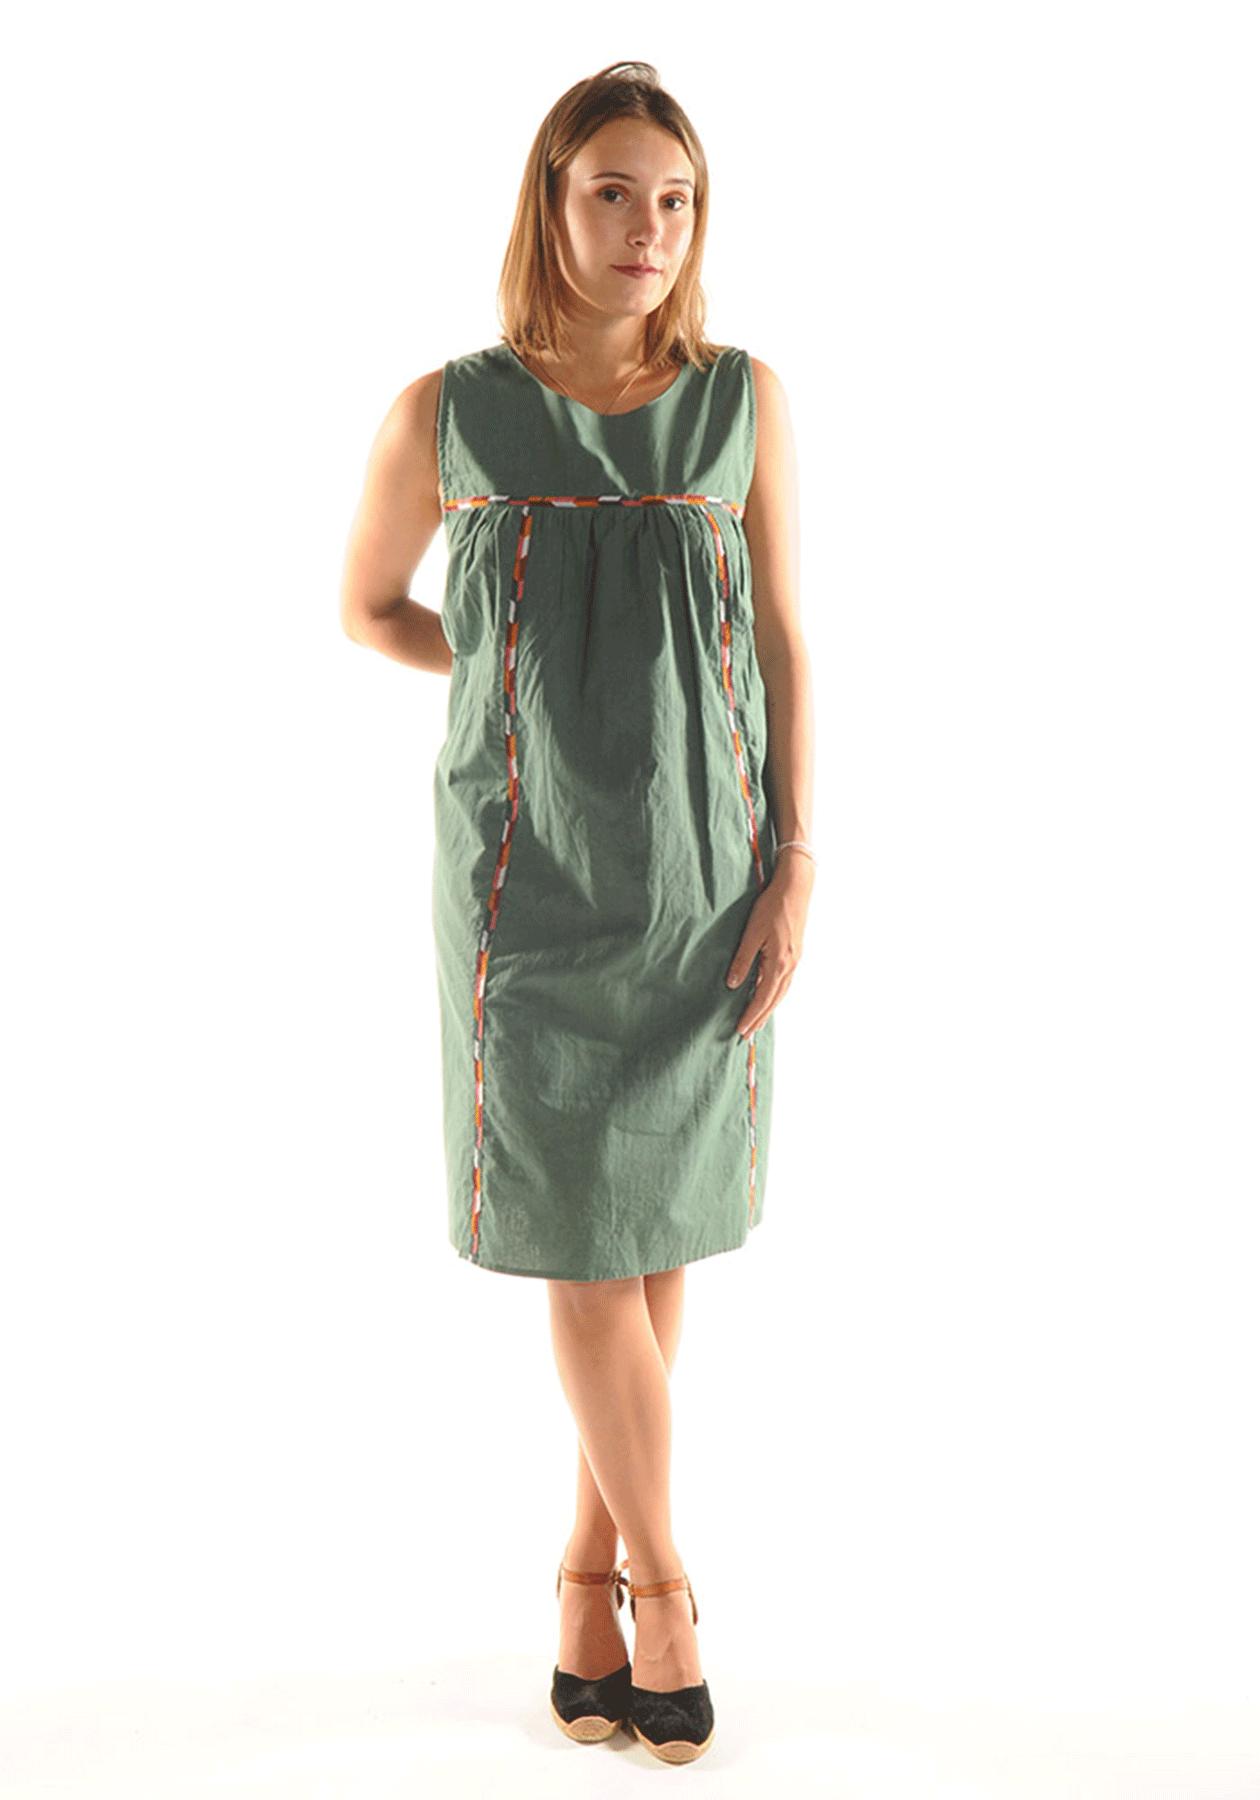 Robe JULIANA / Vert d'eau